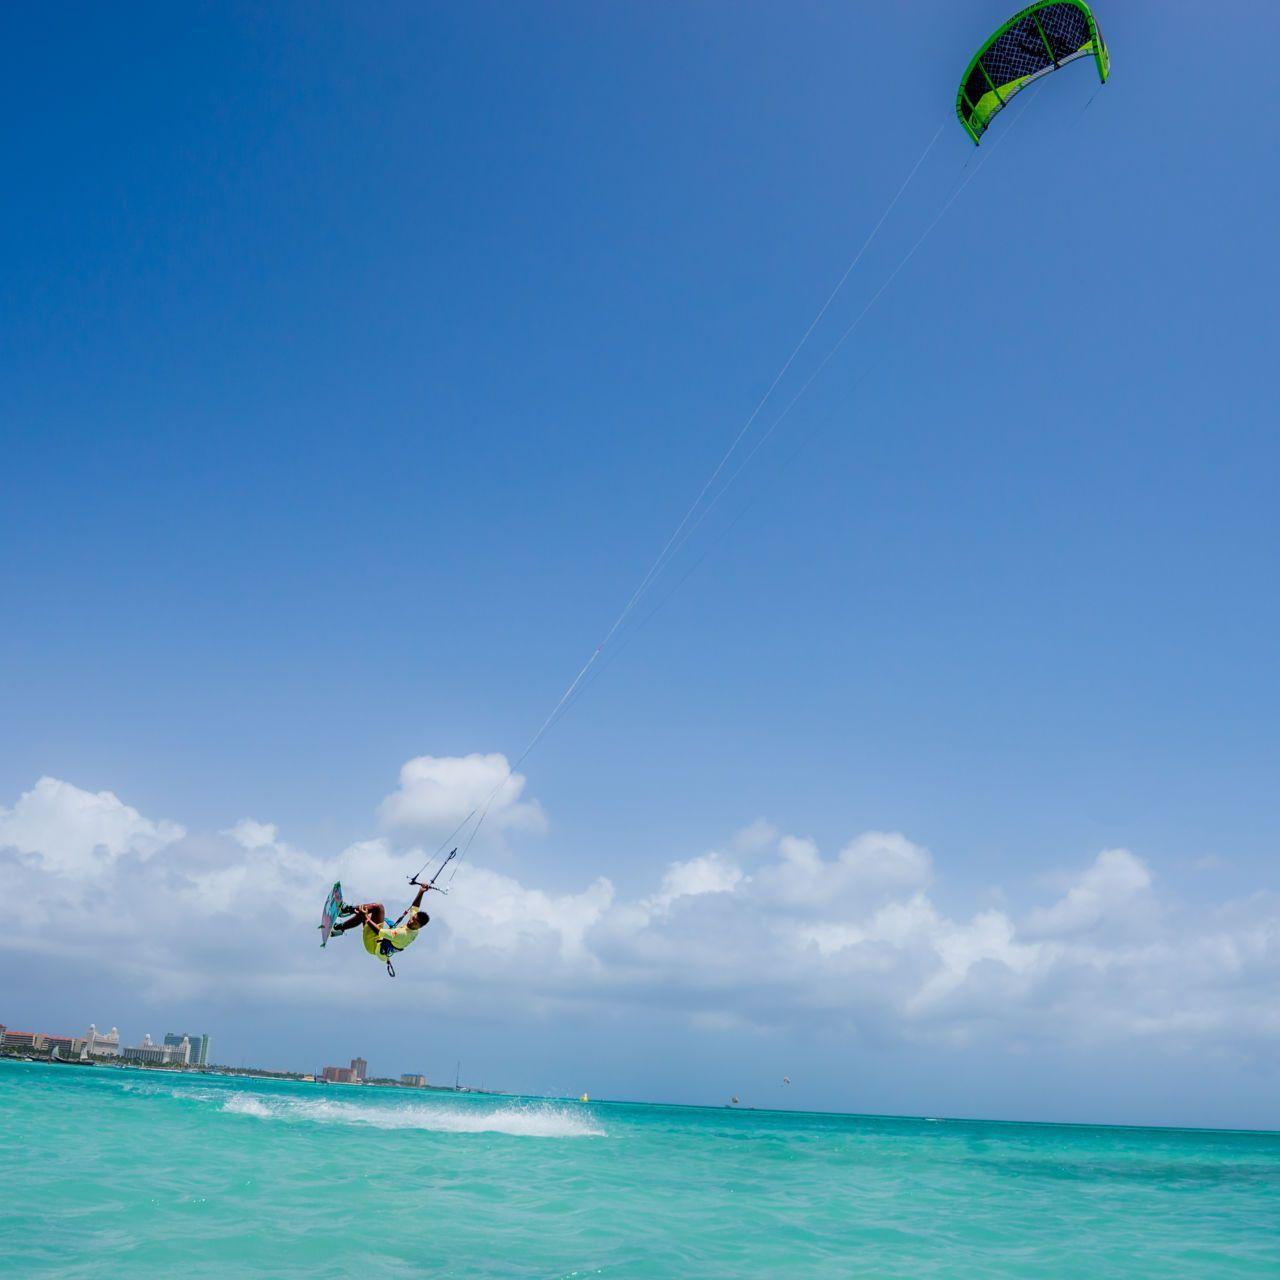 Kite Surfing Tricks Kitesurfing Kite Surfing Surfing Future Travel